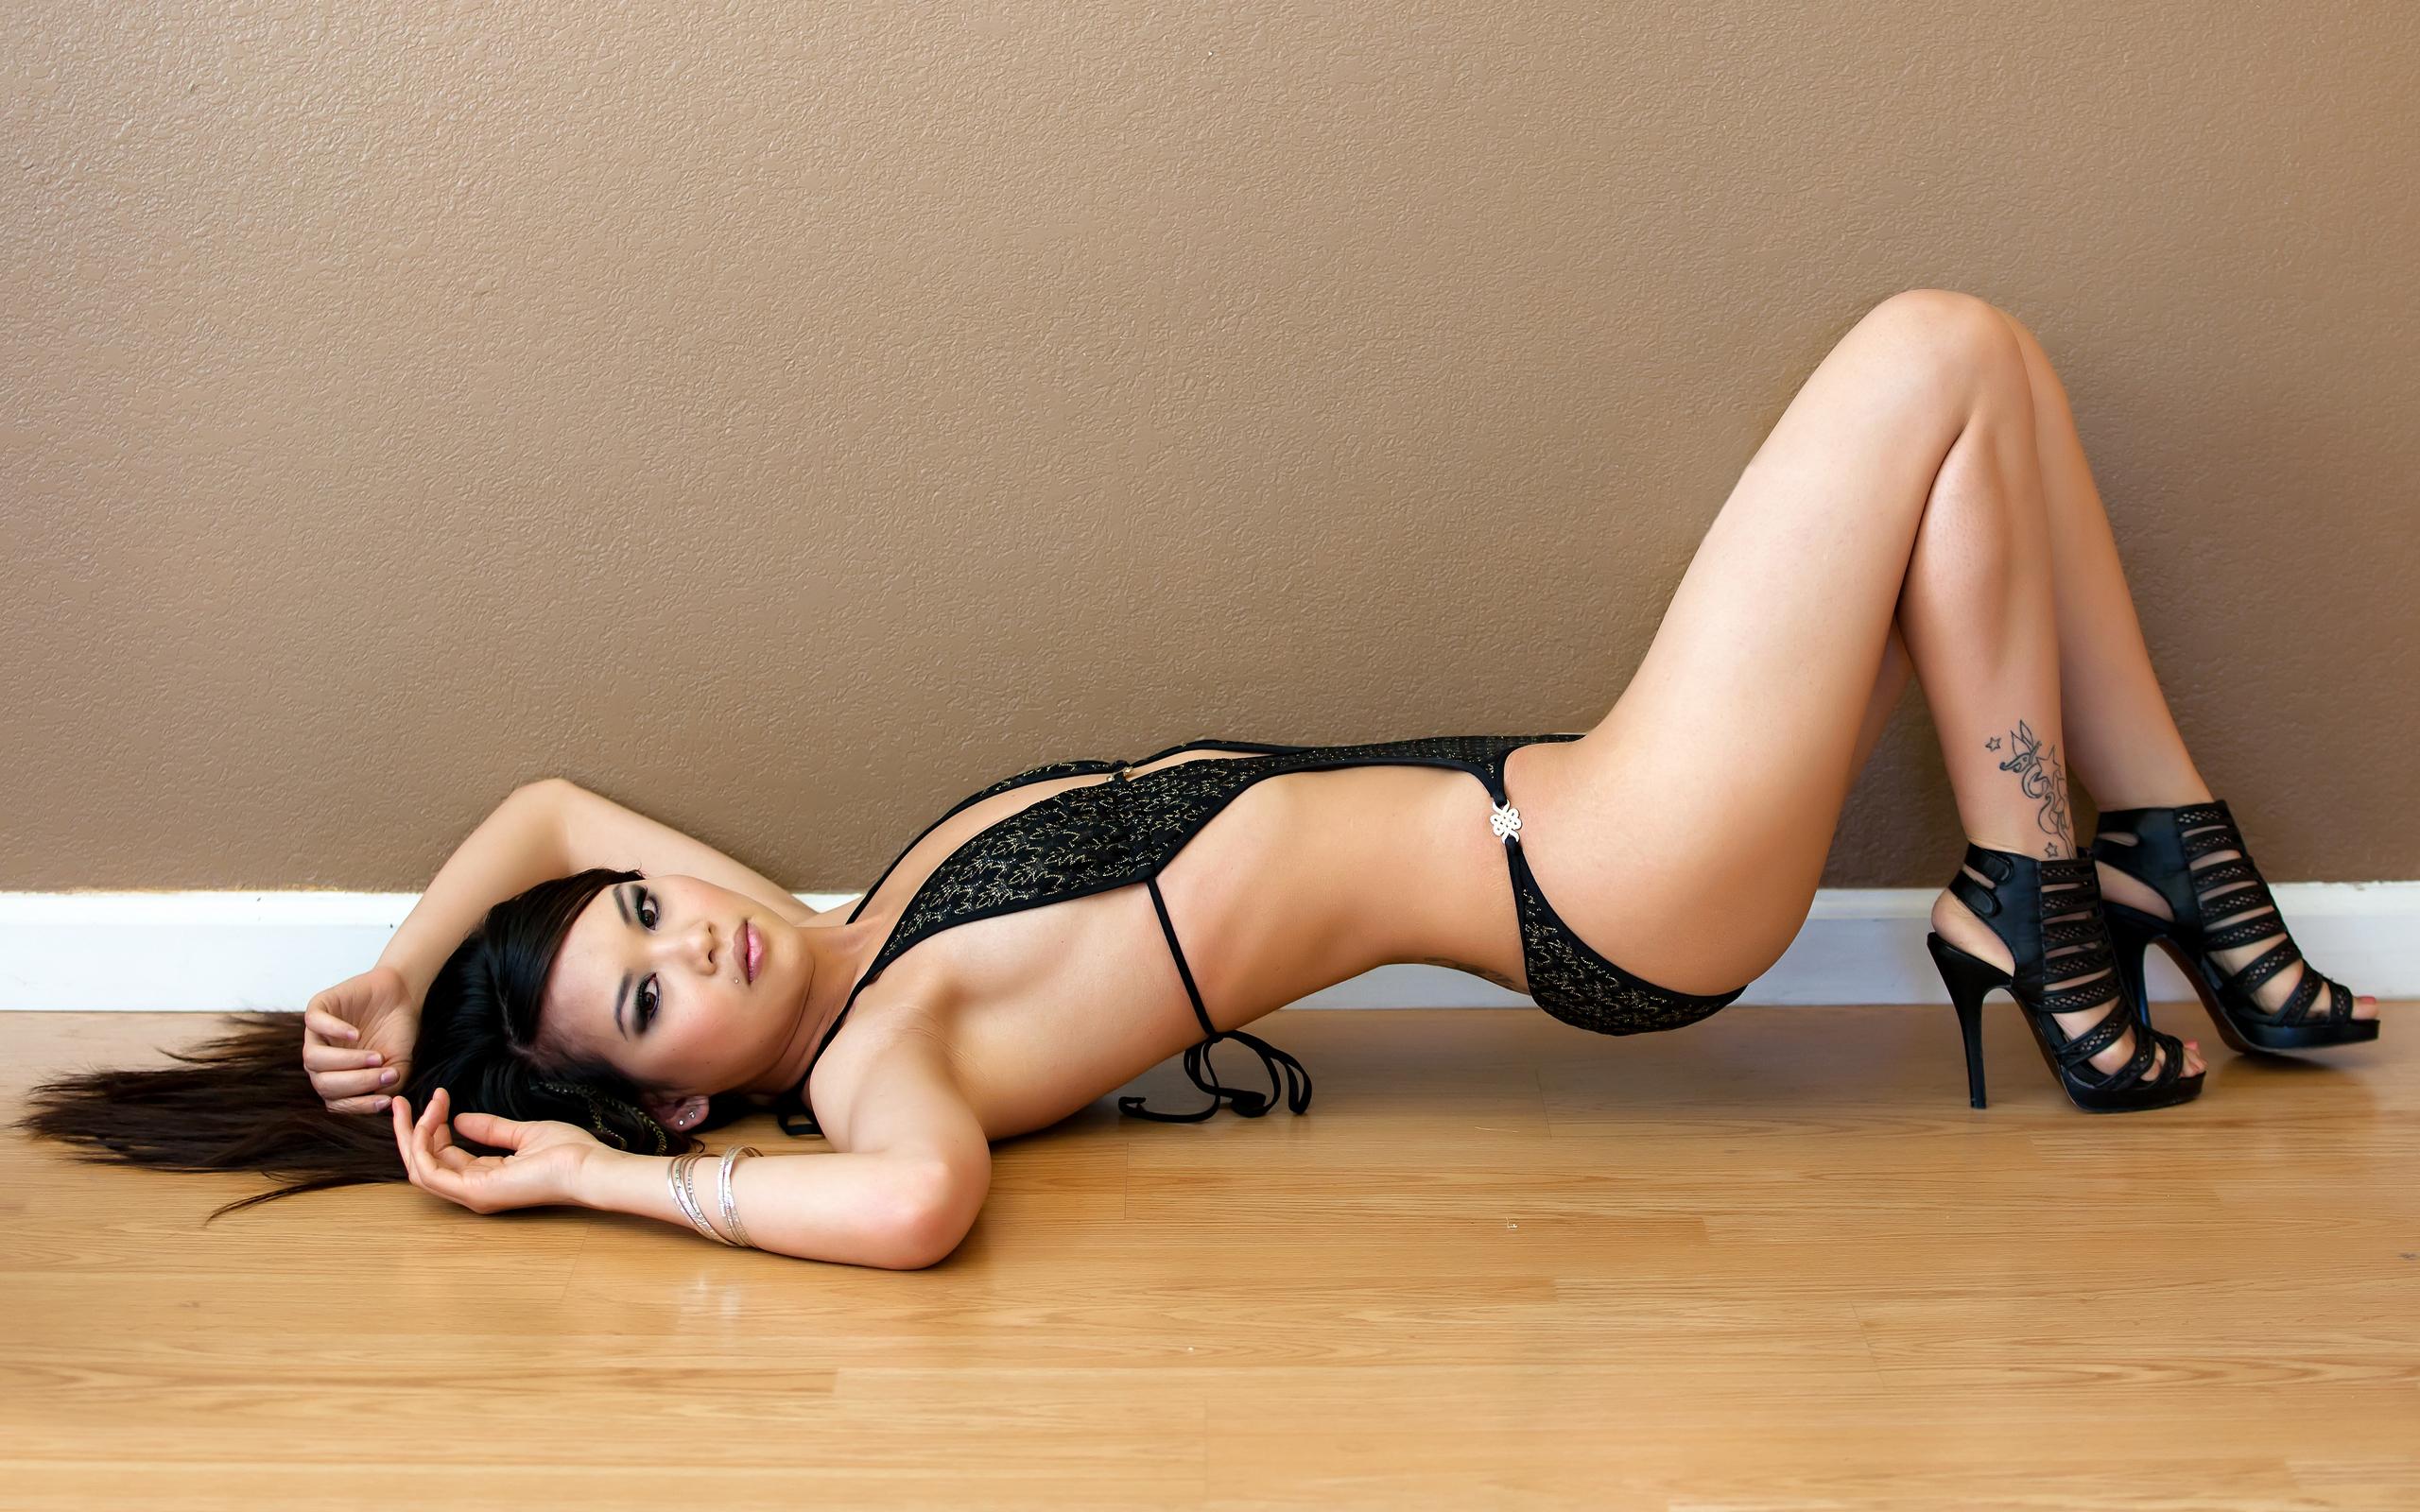 Голая милашка в сапожках лежит на полу постелив полушубок  712767